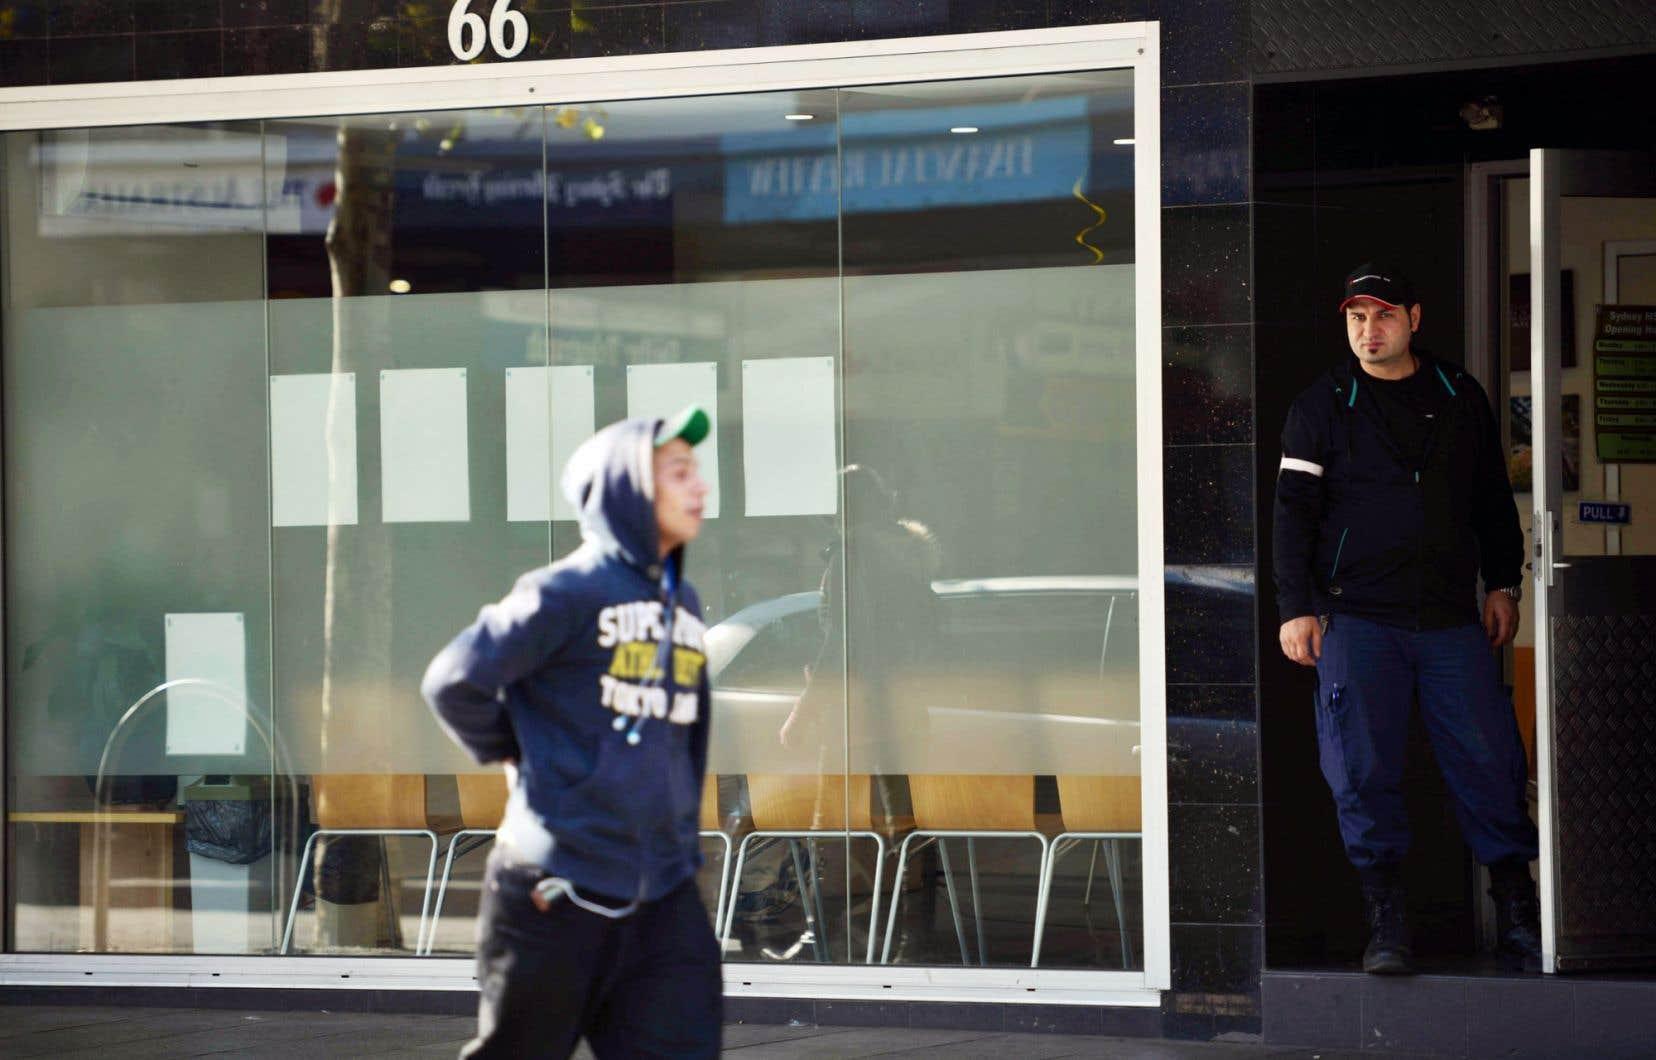 Un garde de sécurité observe les passants devant le Sydney Medically Supervised Injecting Centre, en Australie, qui offre divers services médicaux.